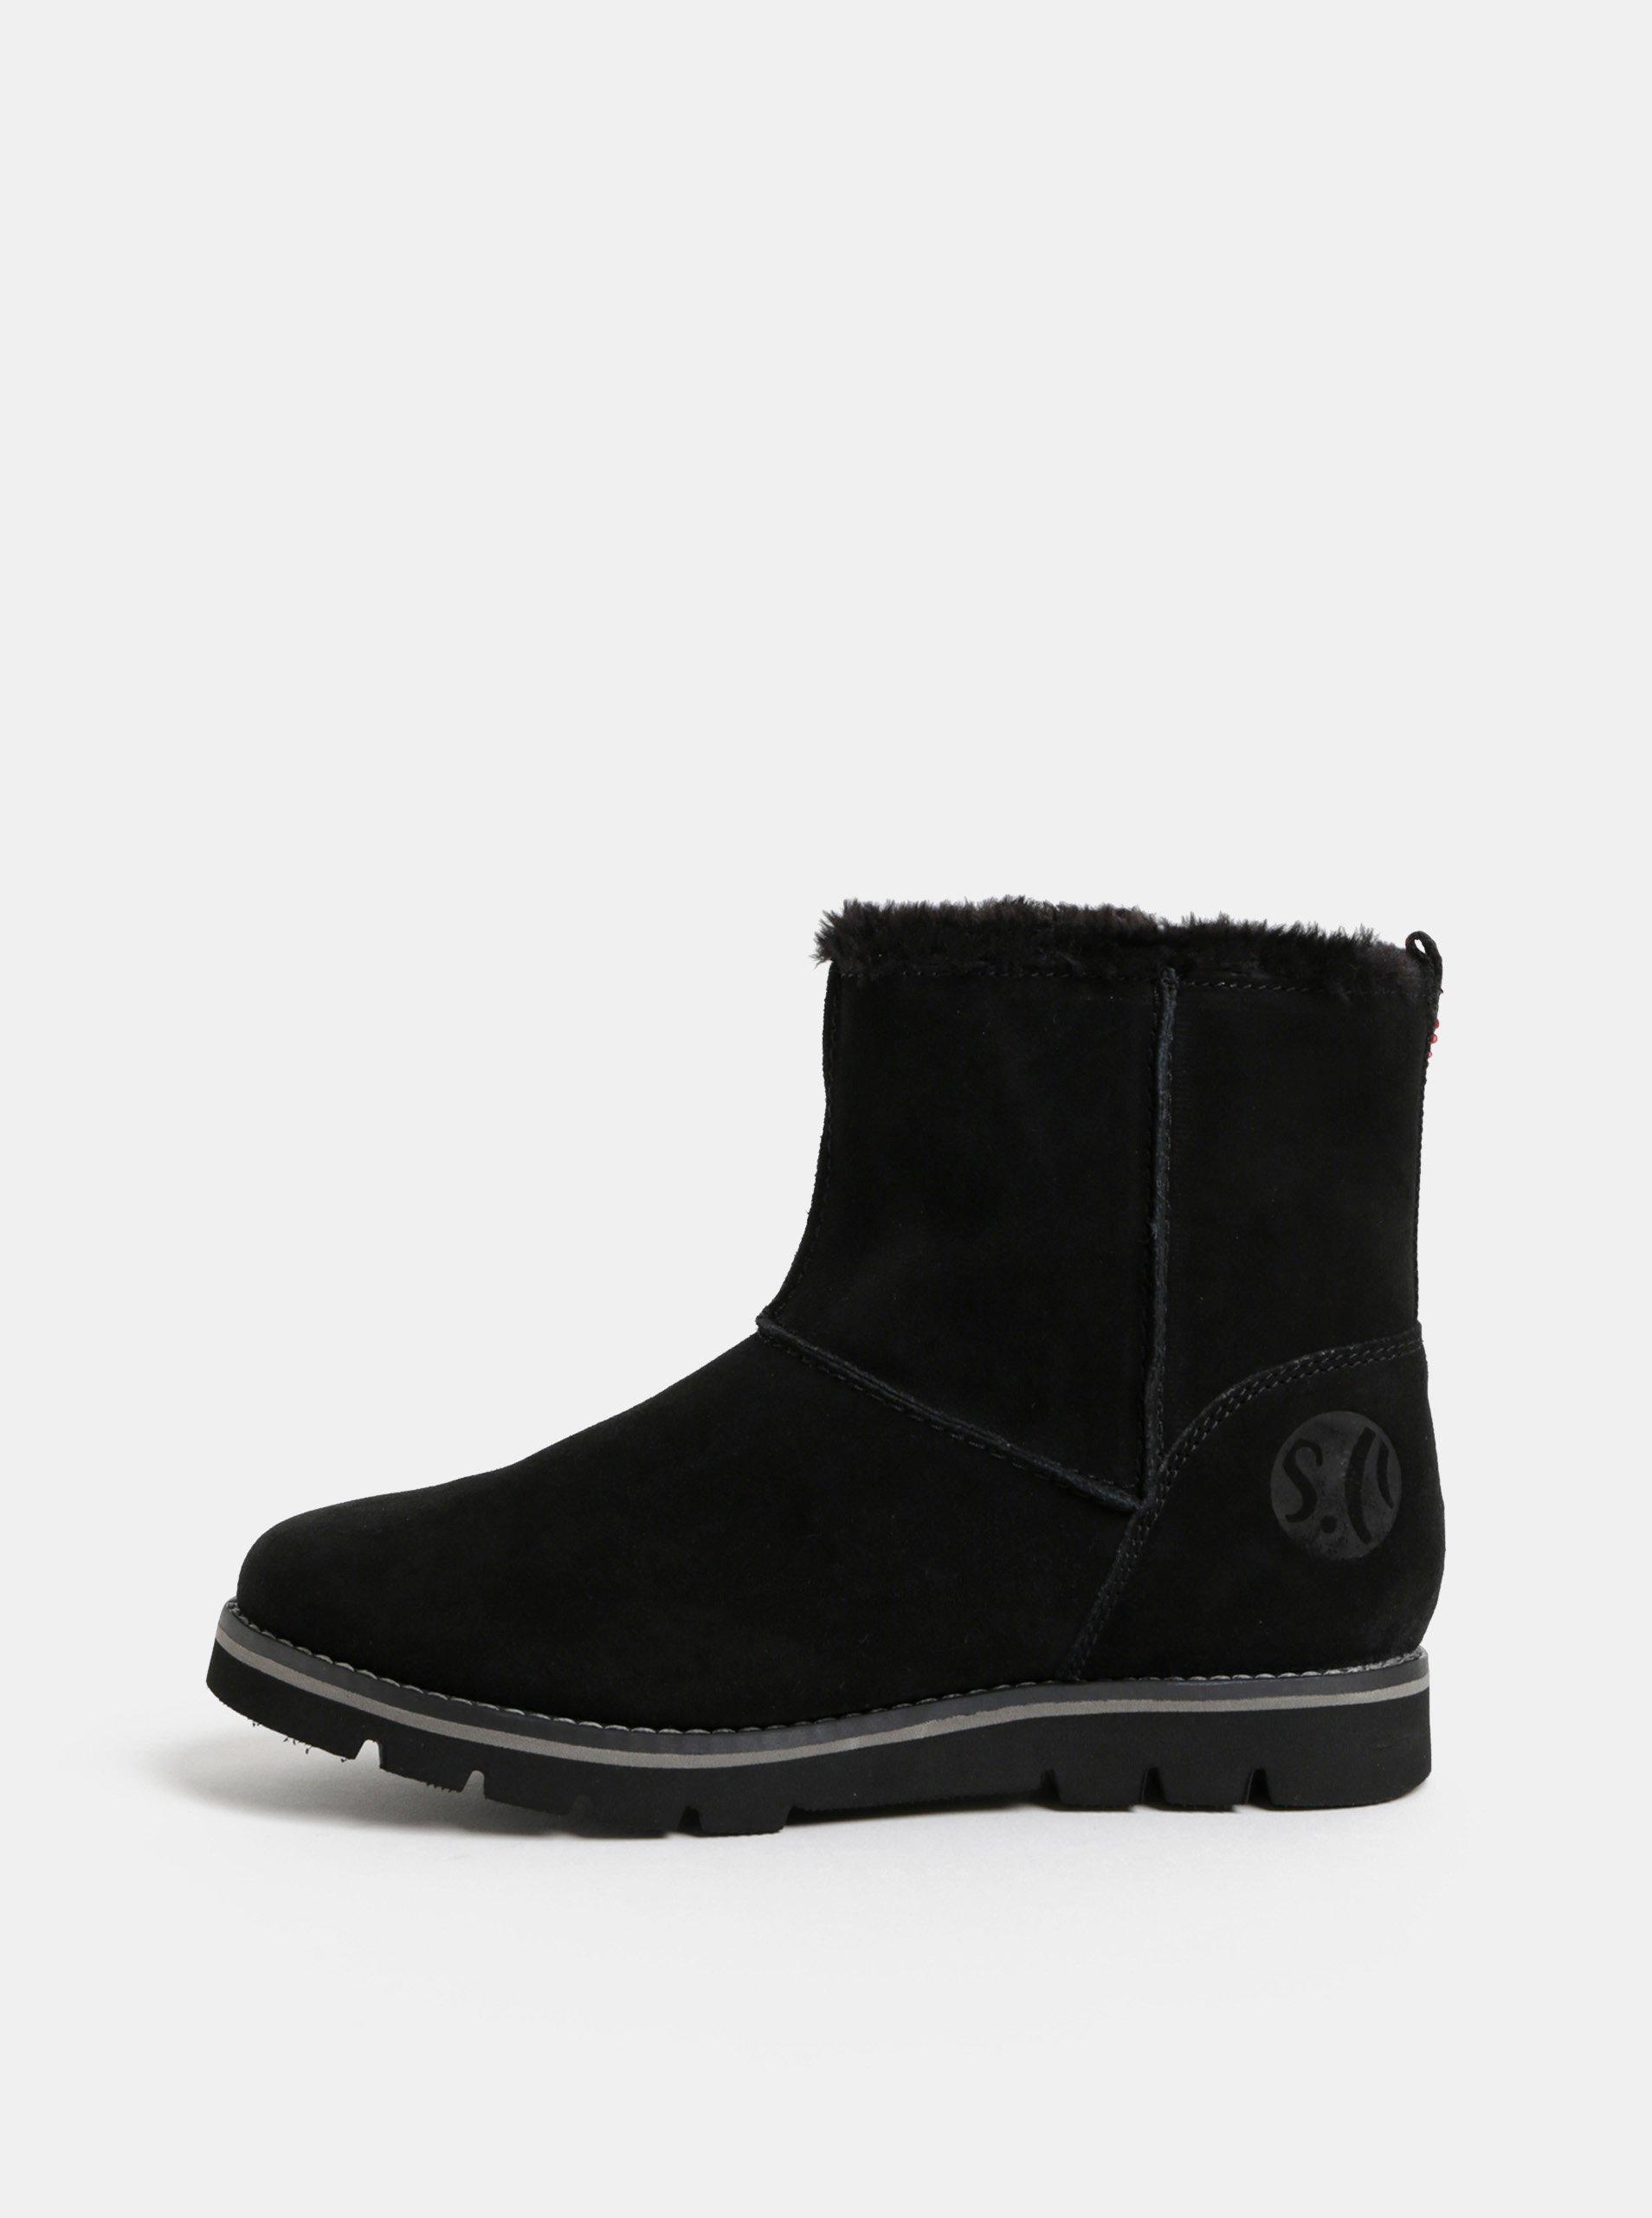 Černé dámské semišové zimní boty s umělým kožíškem s.Oliver